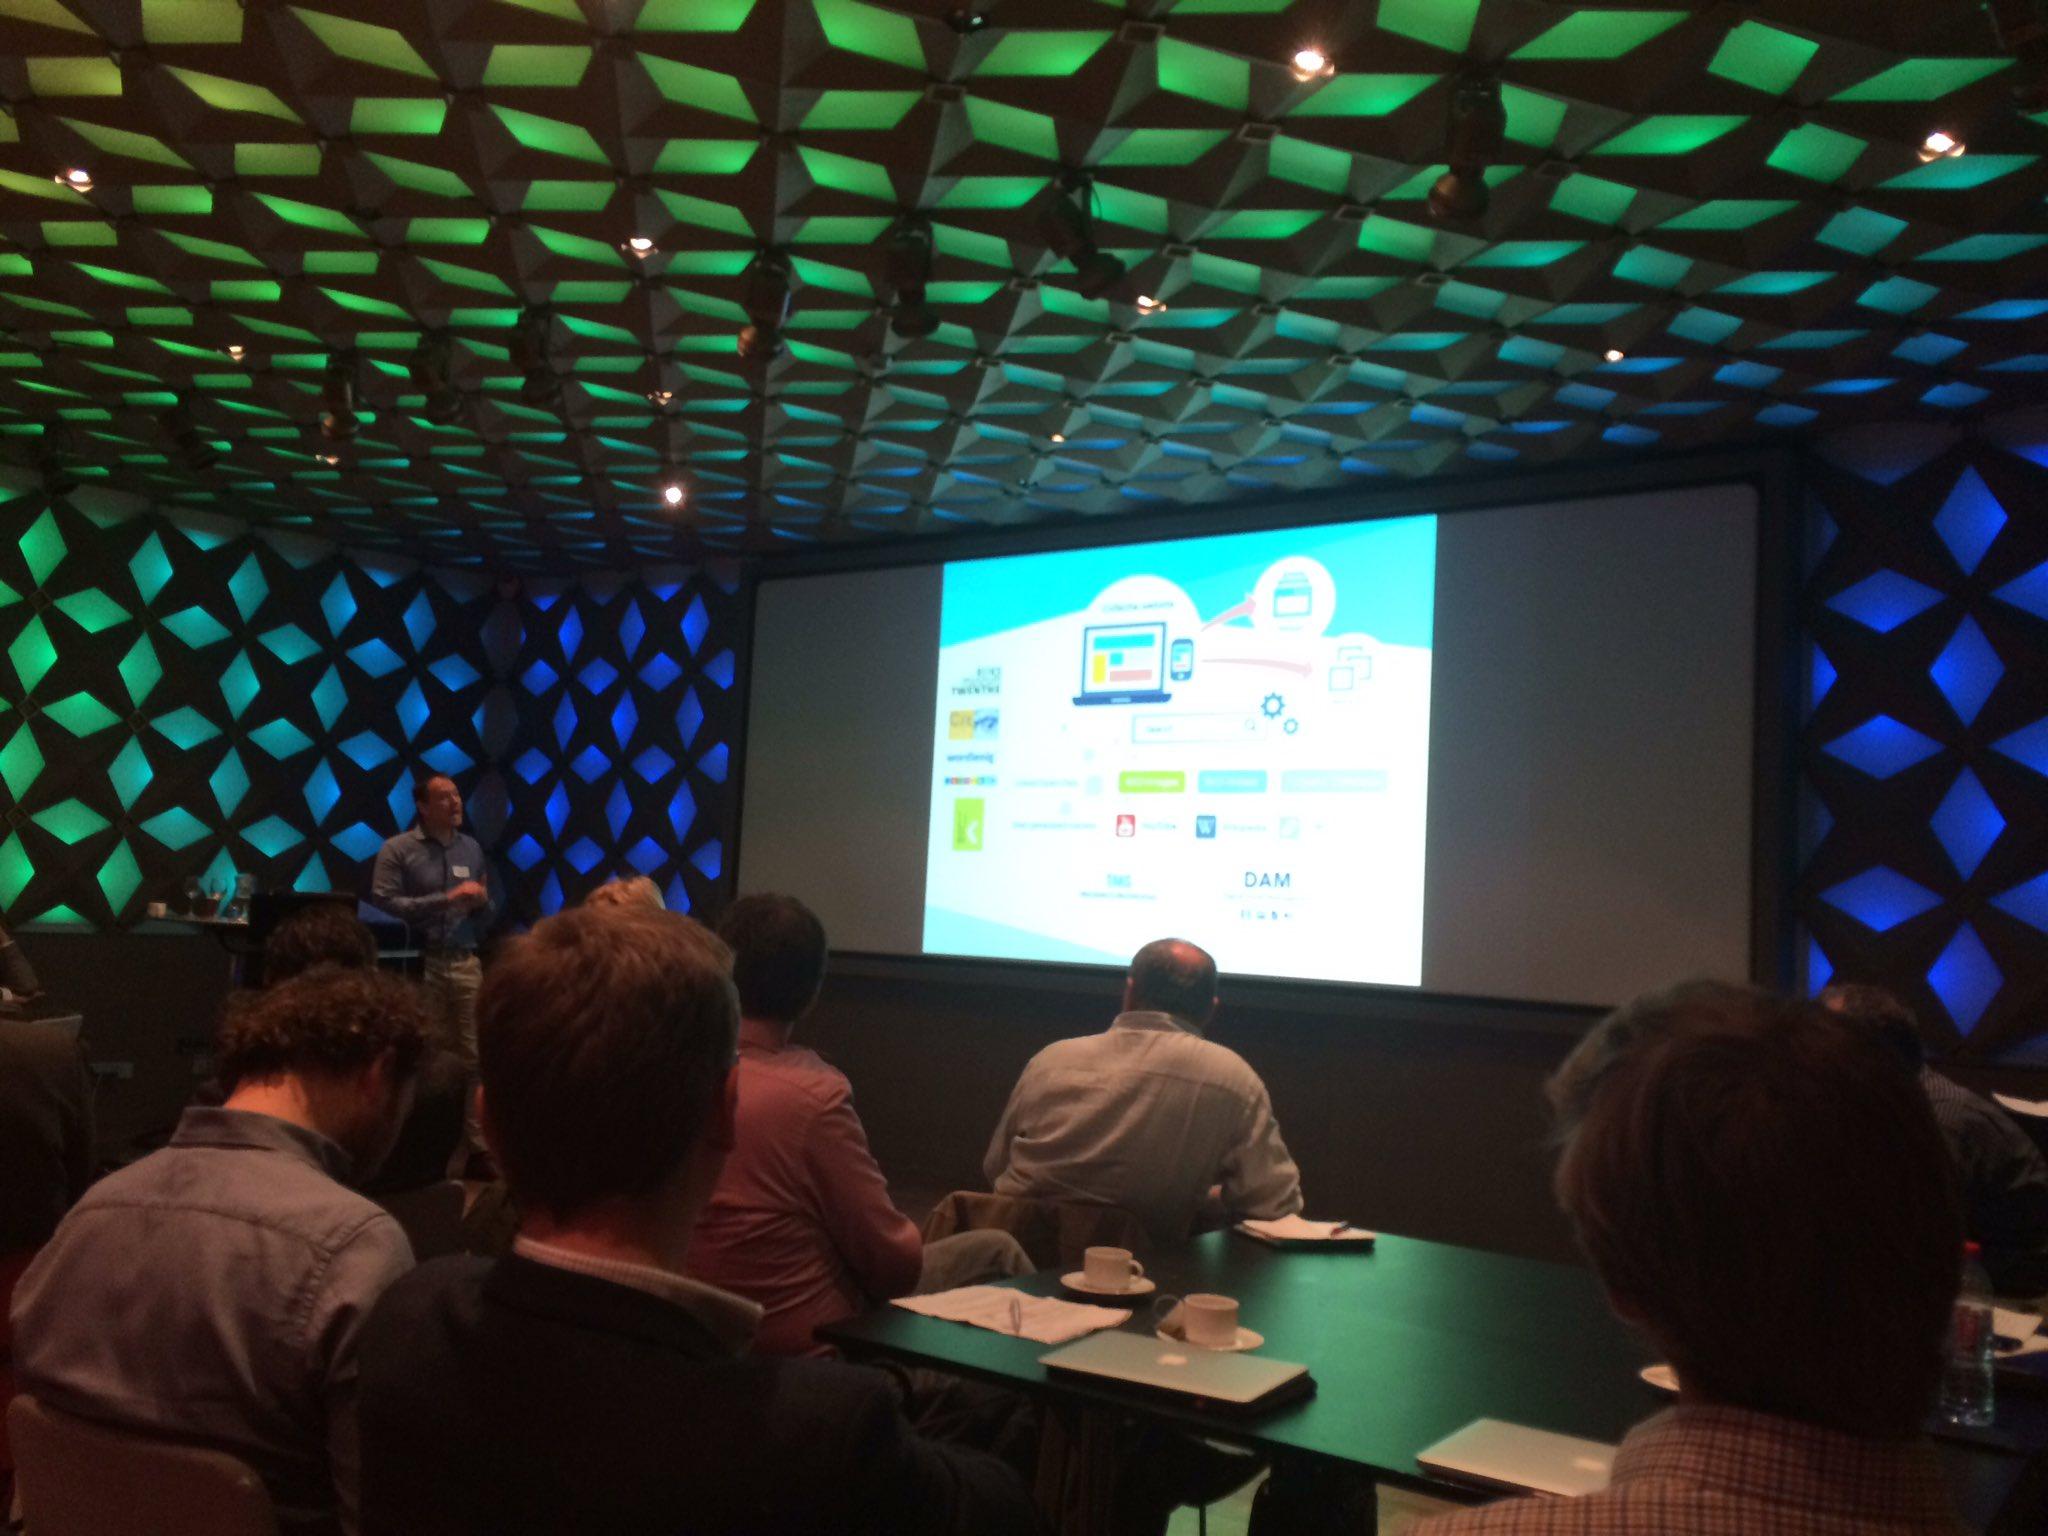 @Picturae_NL presenteert de linked data publicatieomgeving die voor @RijksmuseumT gebouwd is. #17wde https://t.co/DEfK6OyTTZ